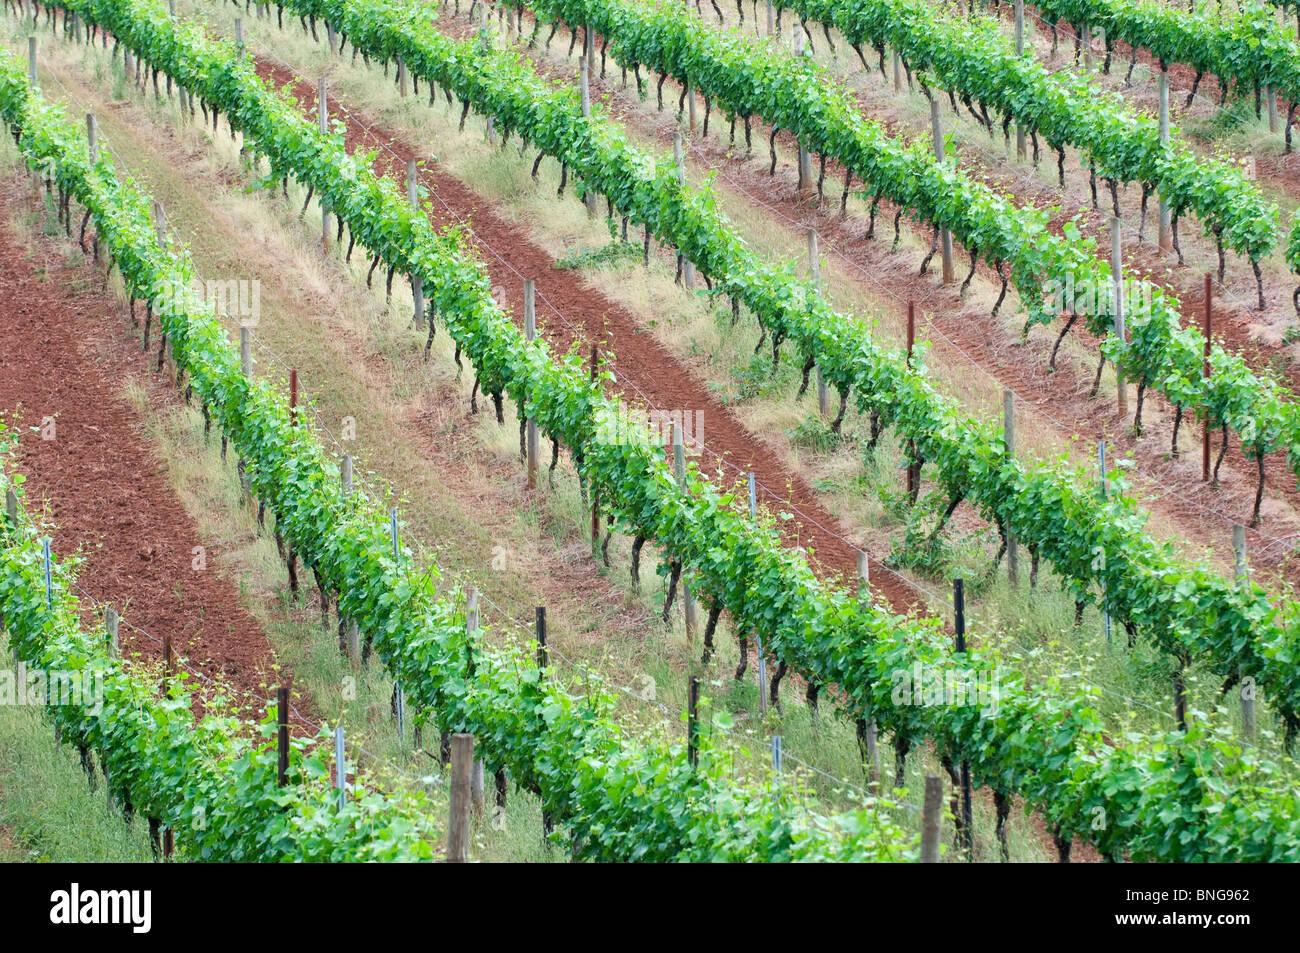 Terra rossa vigneti nelle colline di Dundee; vicino a McMinnville; Willamette Valley; Oregon Immagini Stock